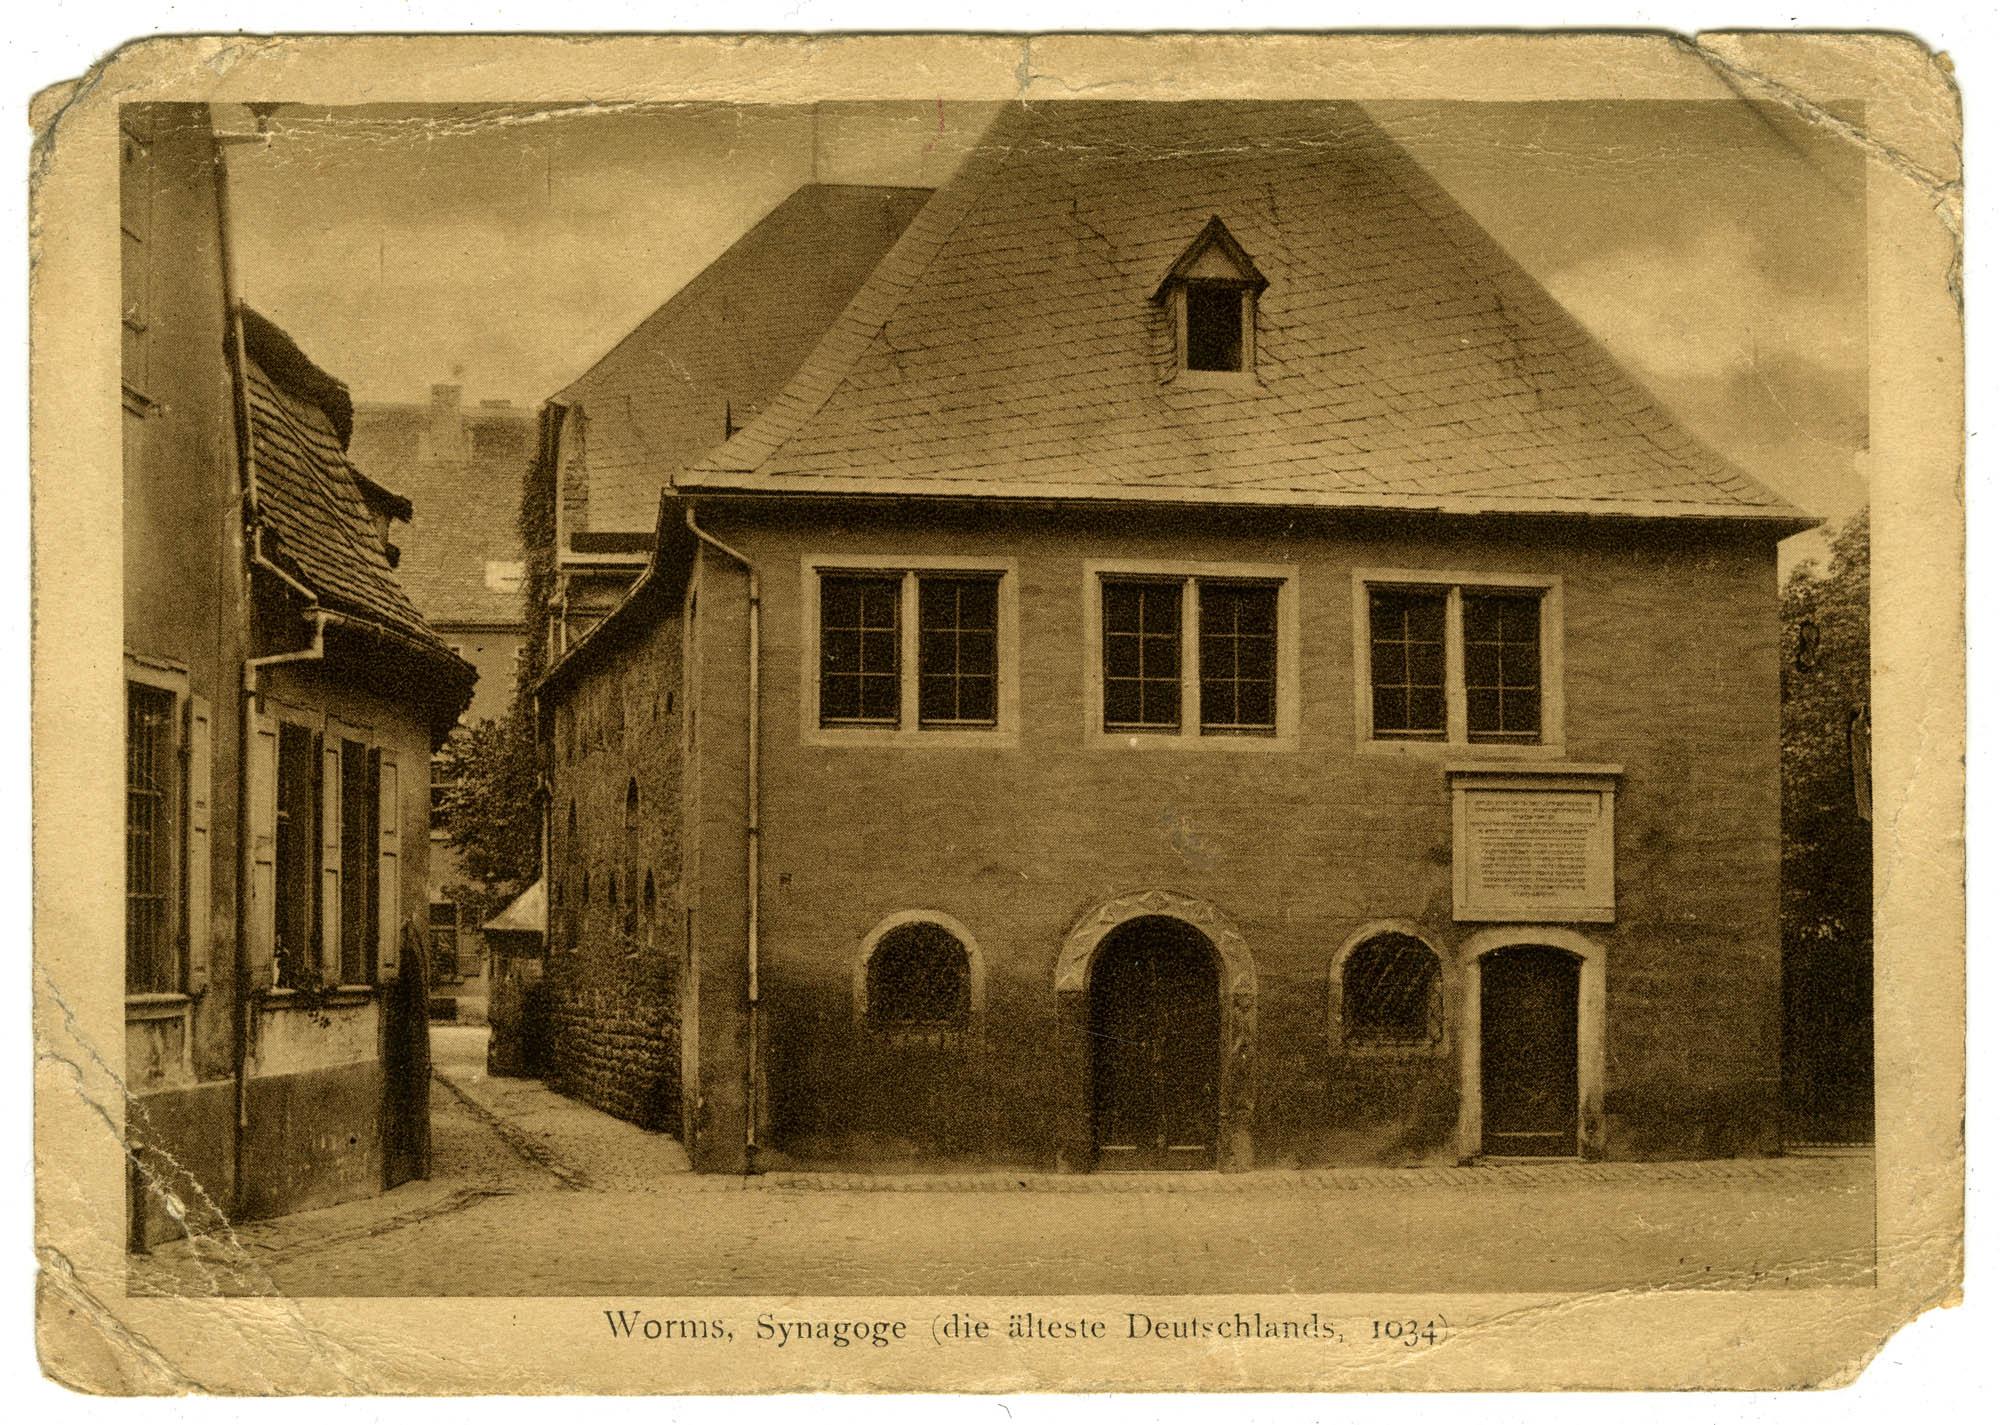 Worms, Synagoge (die älteste Deutschlands, 1034)